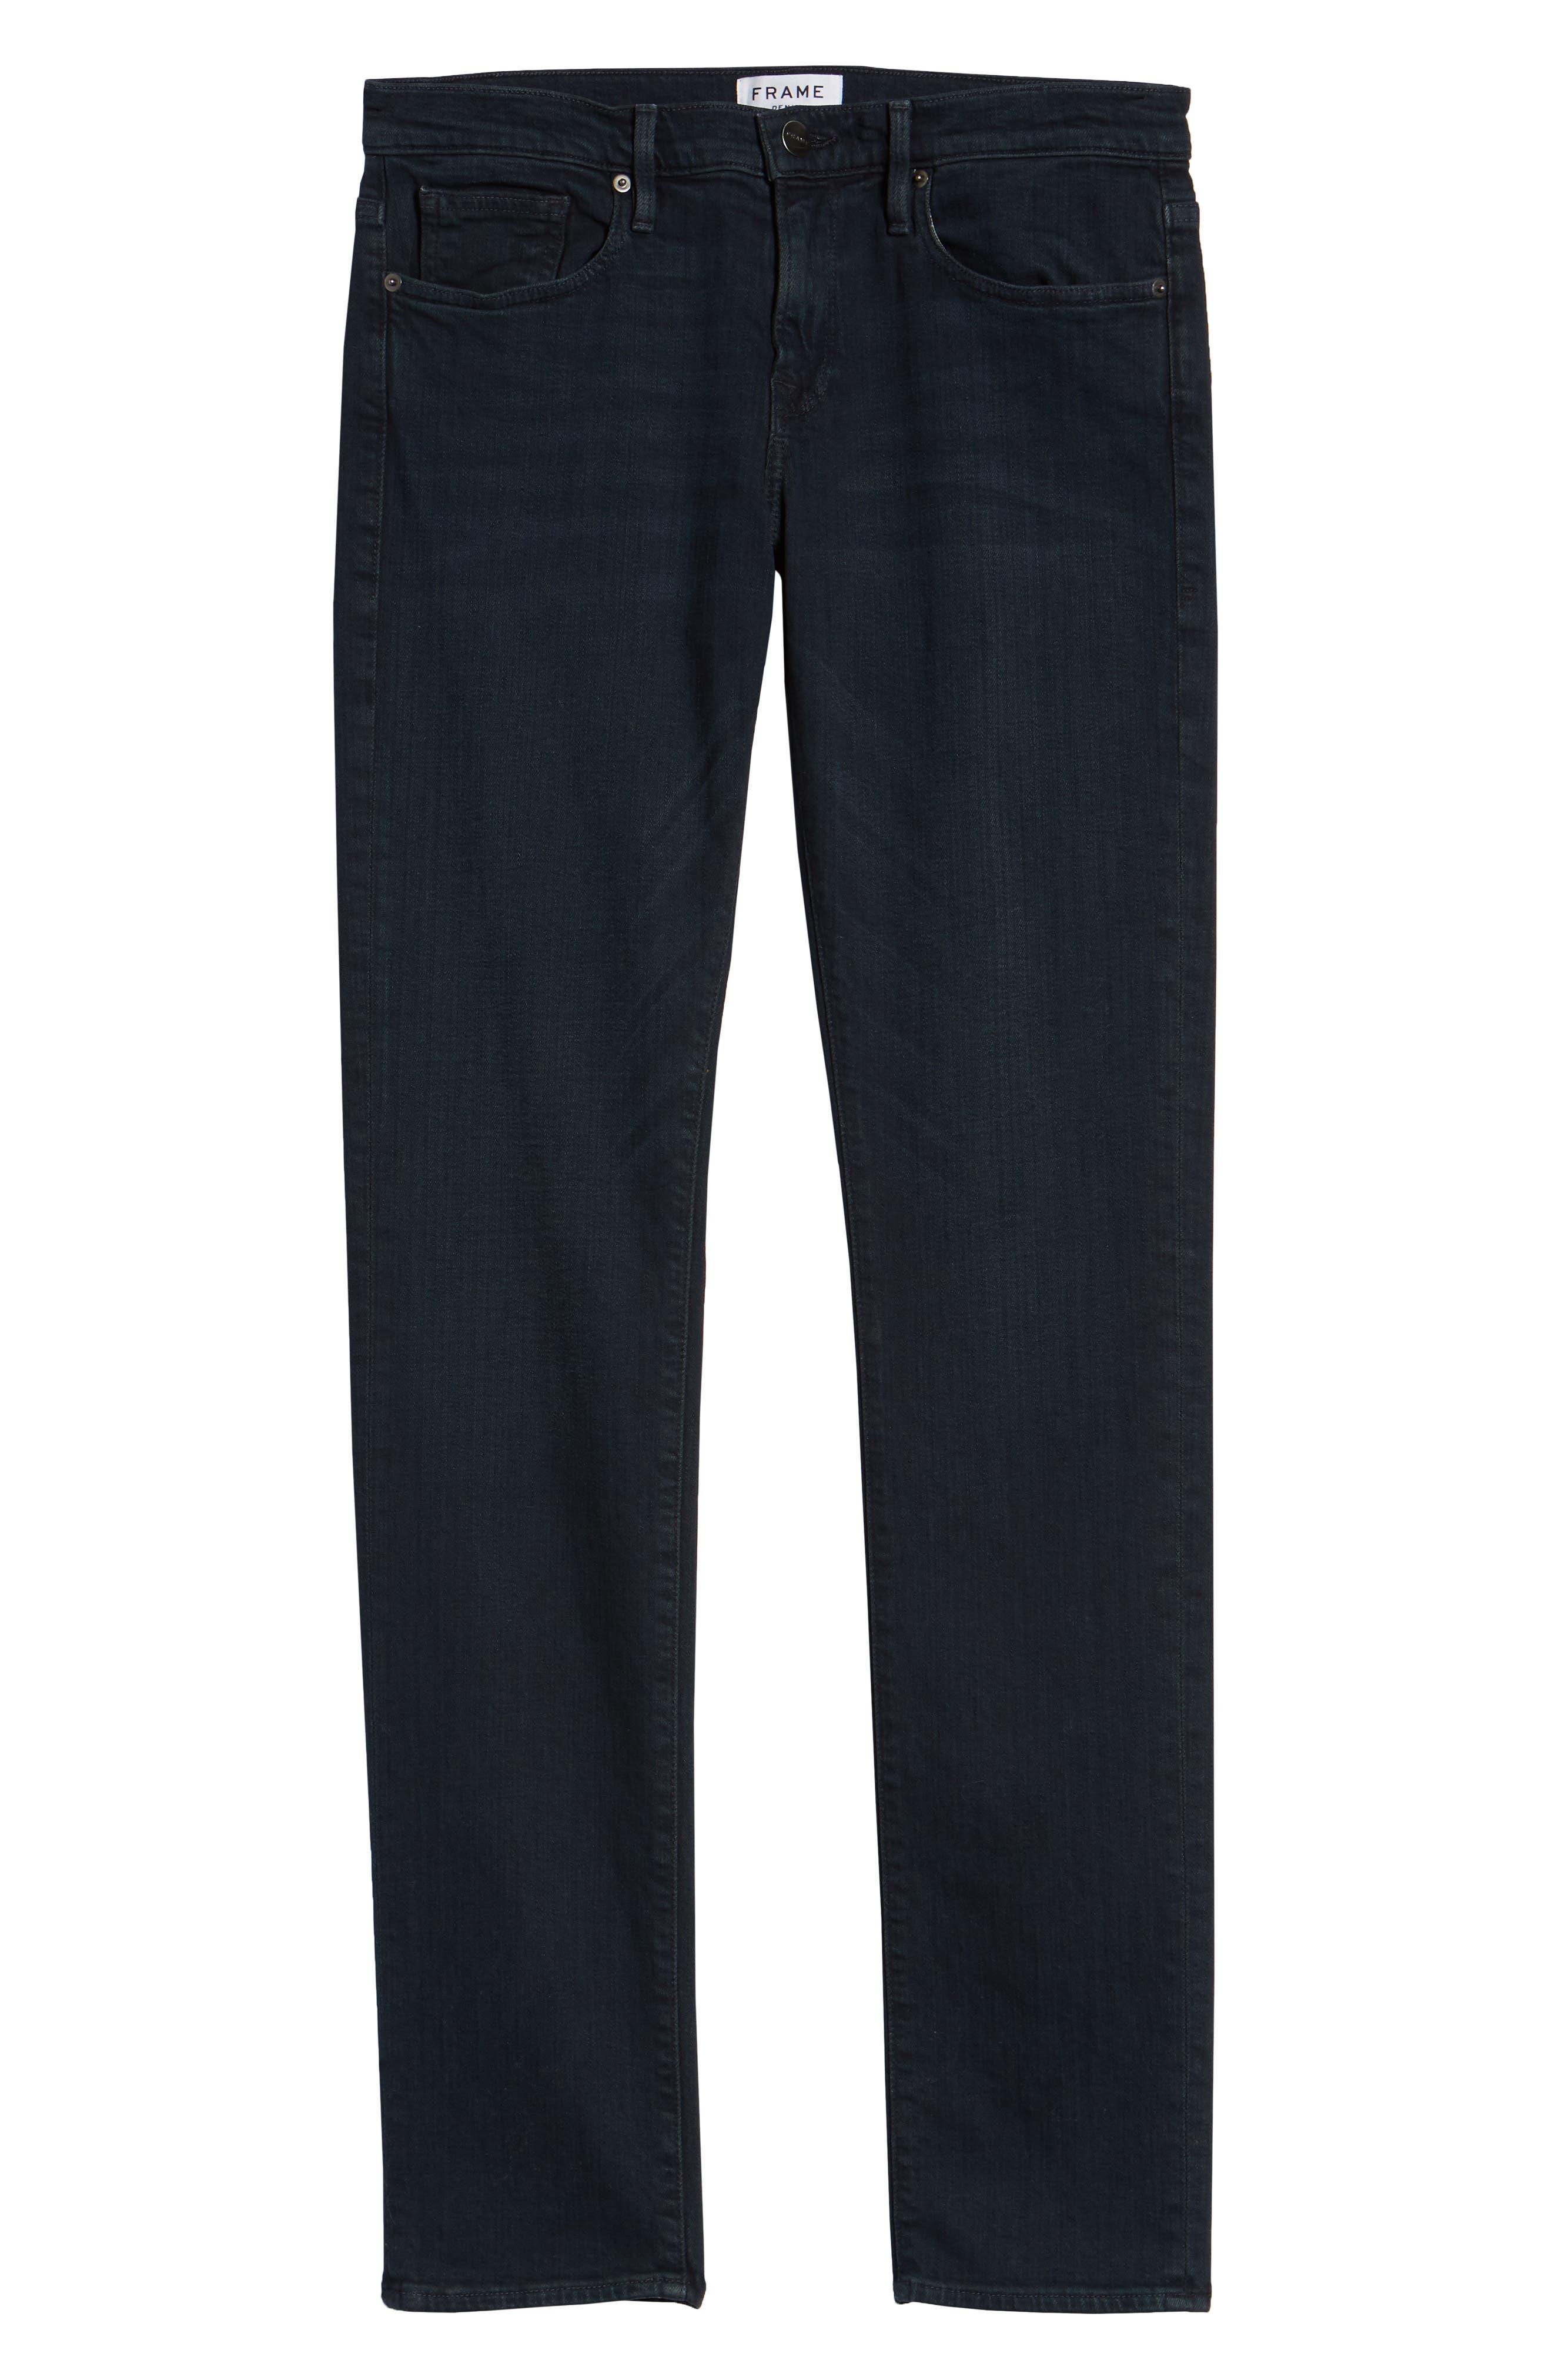 'L'Homme' Slim Fit Jeans,                             Alternate thumbnail 4, color,                             PLACID